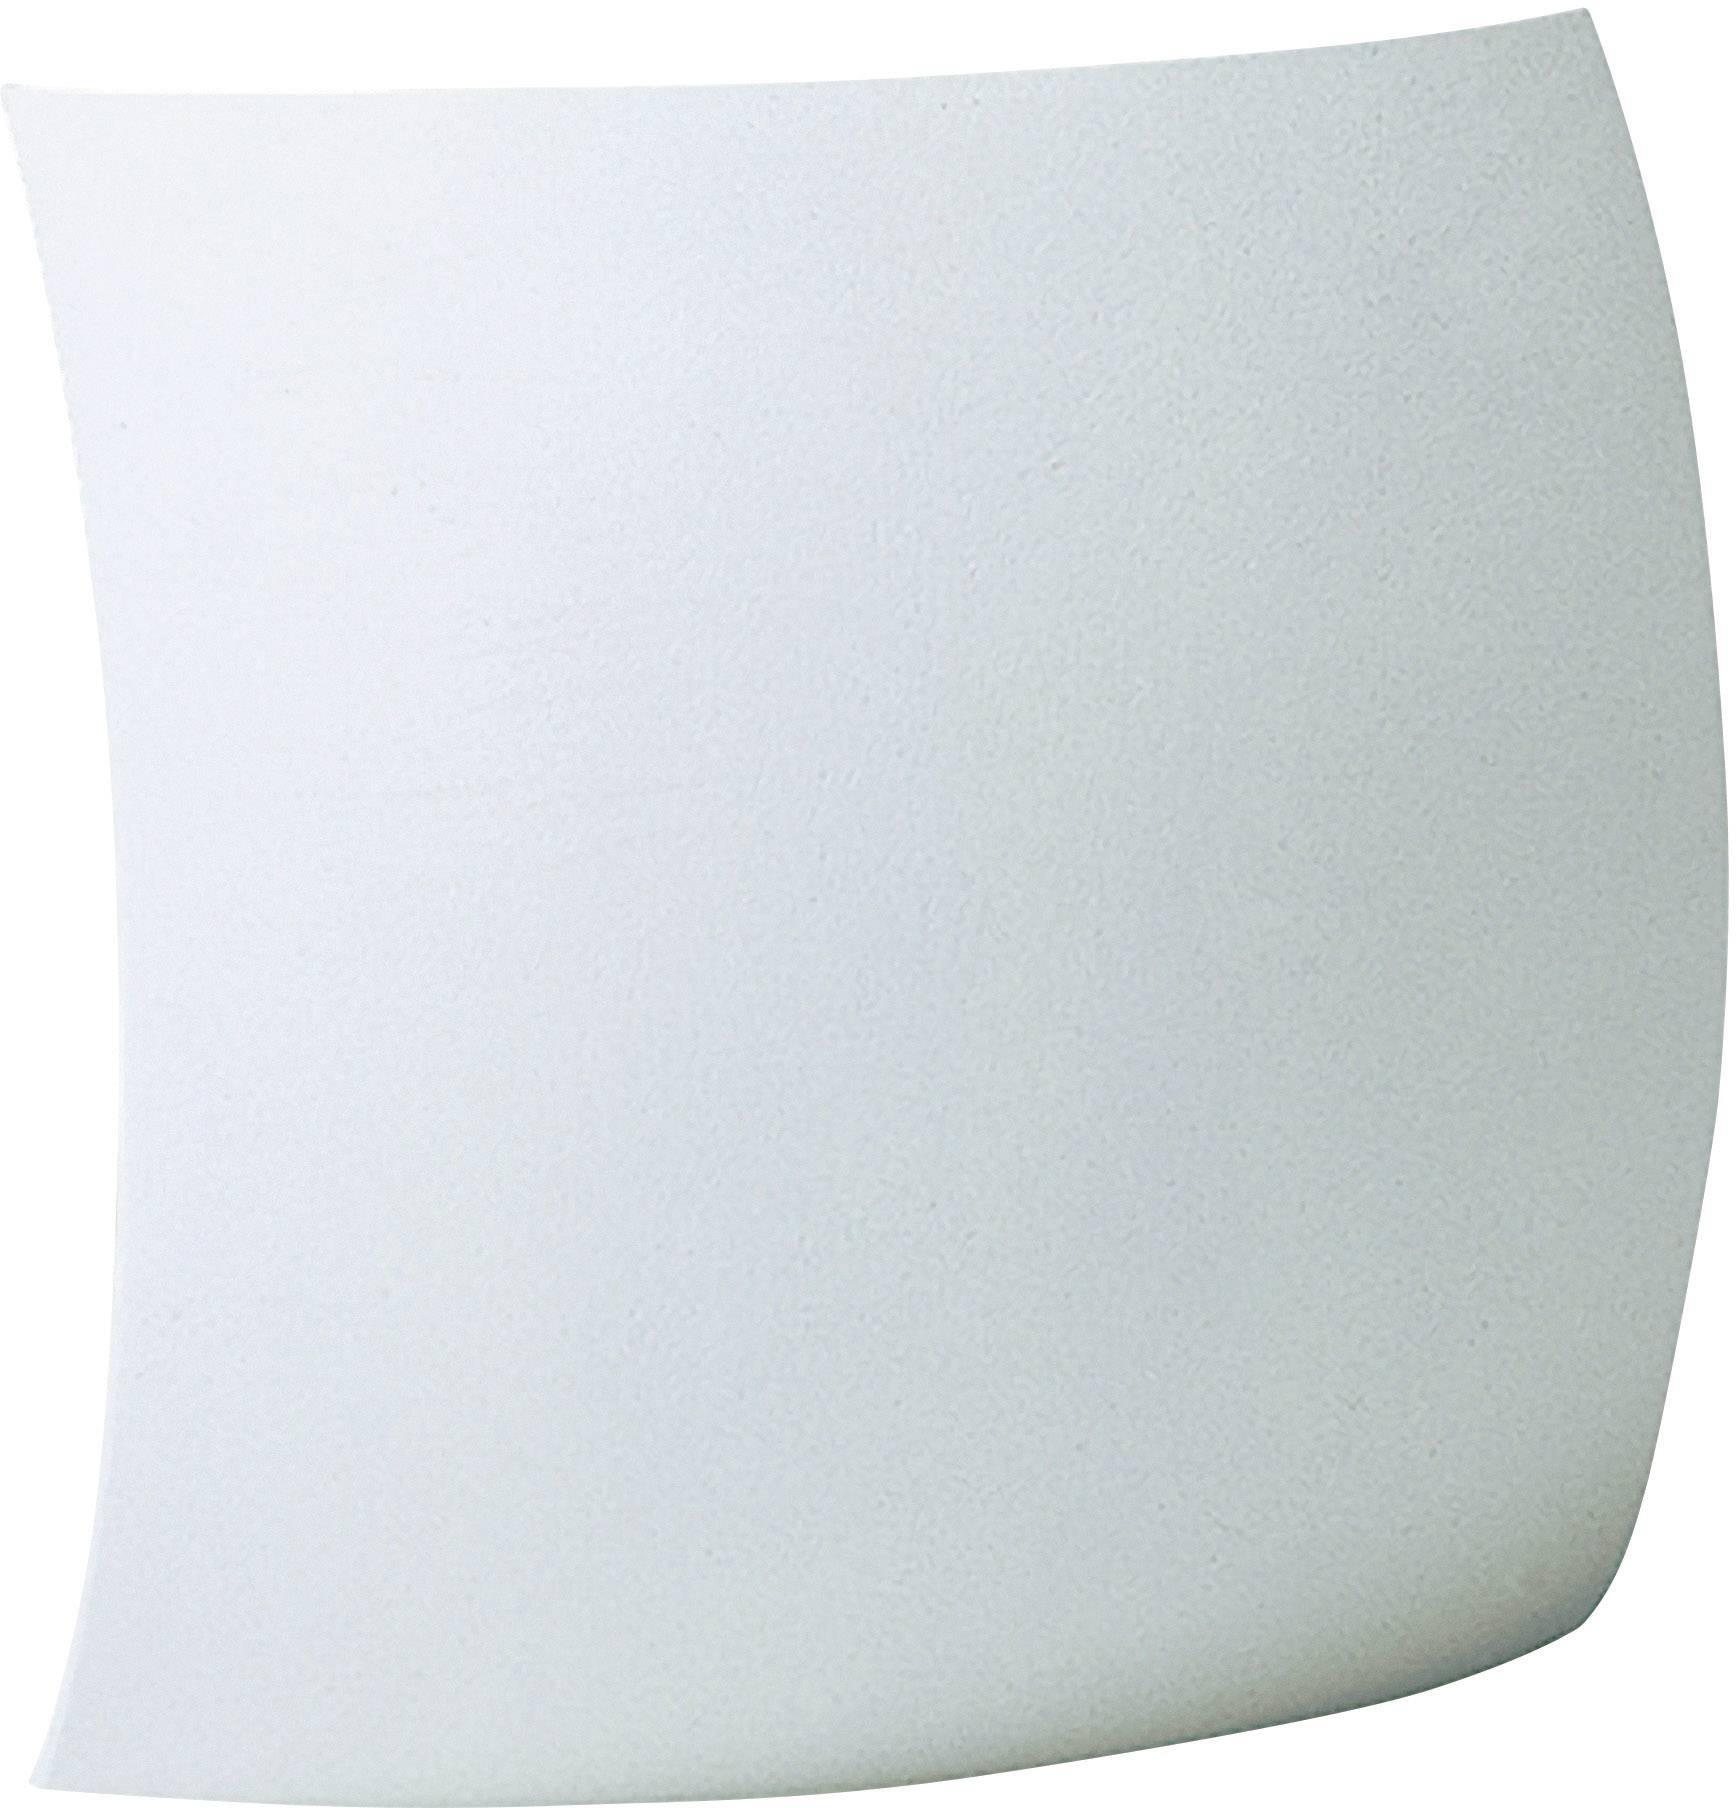 Elektrický gong Grothe Croma 225A, 43225, 8 V, 83 dBA, bílá